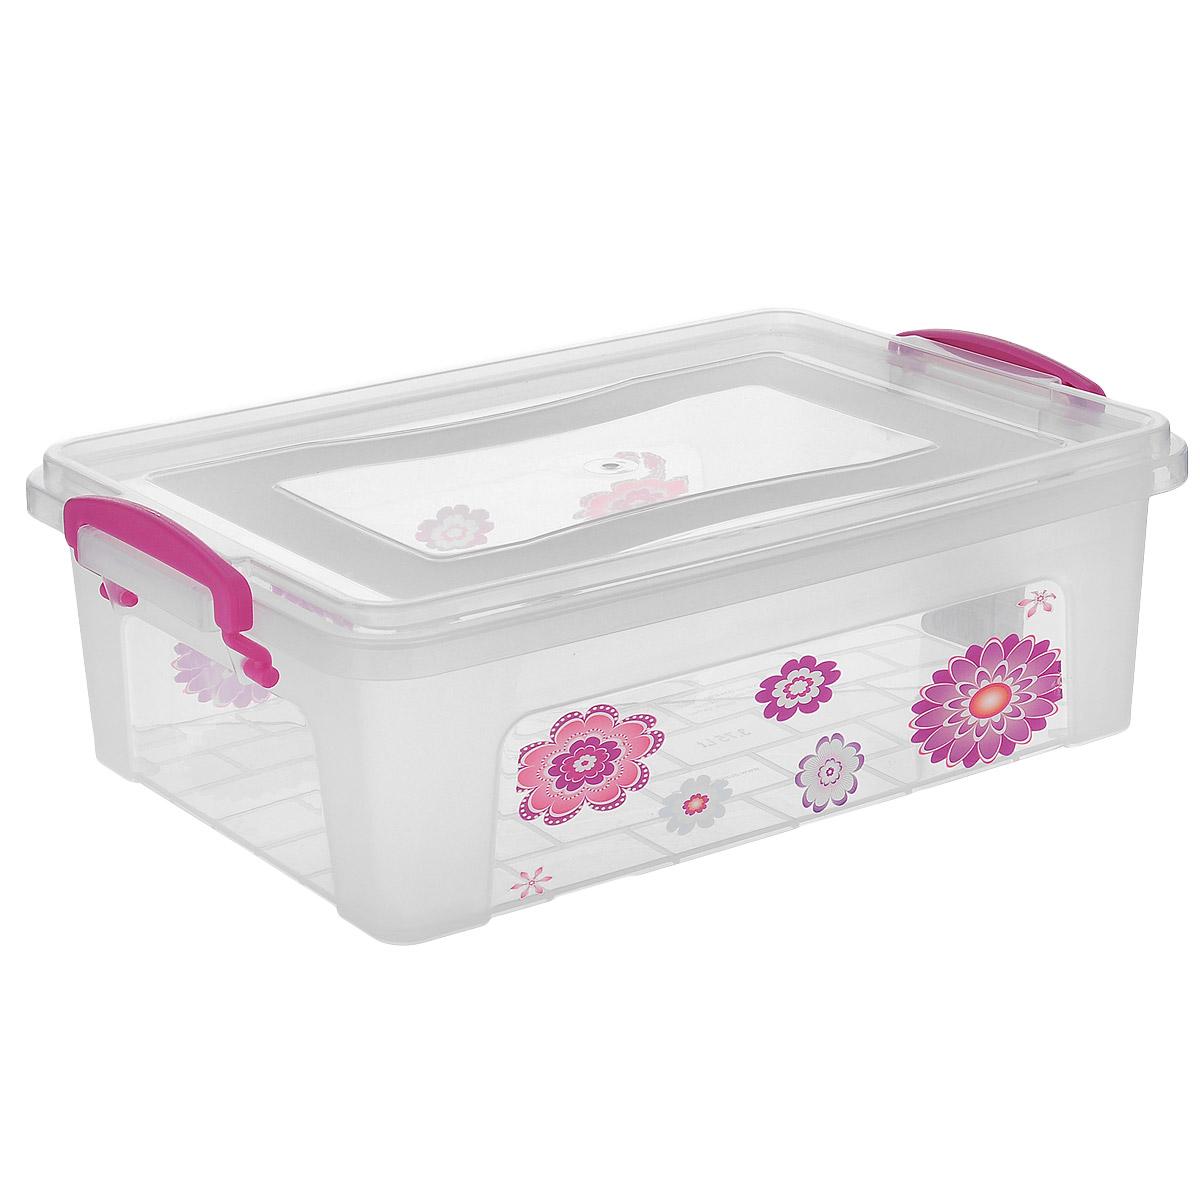 Контейнер Dunya Plastik Clear Box, цвет: прозрачный, розовый, 3,75 л. 3025330253Контейнер Dunya Plastik Clear Box выполнен из прочного пластика. Он предназначен для хранения различных мелких вещей. Крышка легко открывается и плотно закрывается. Прозрачные стенки позволяют видеть содержимое. По бокам предусмотрены две удобные ручки, с помощью которых контейнер закрывается. Контейнер поможет хранить все в одном месте, а также защитить вещи от пыли, грязи и влаги.